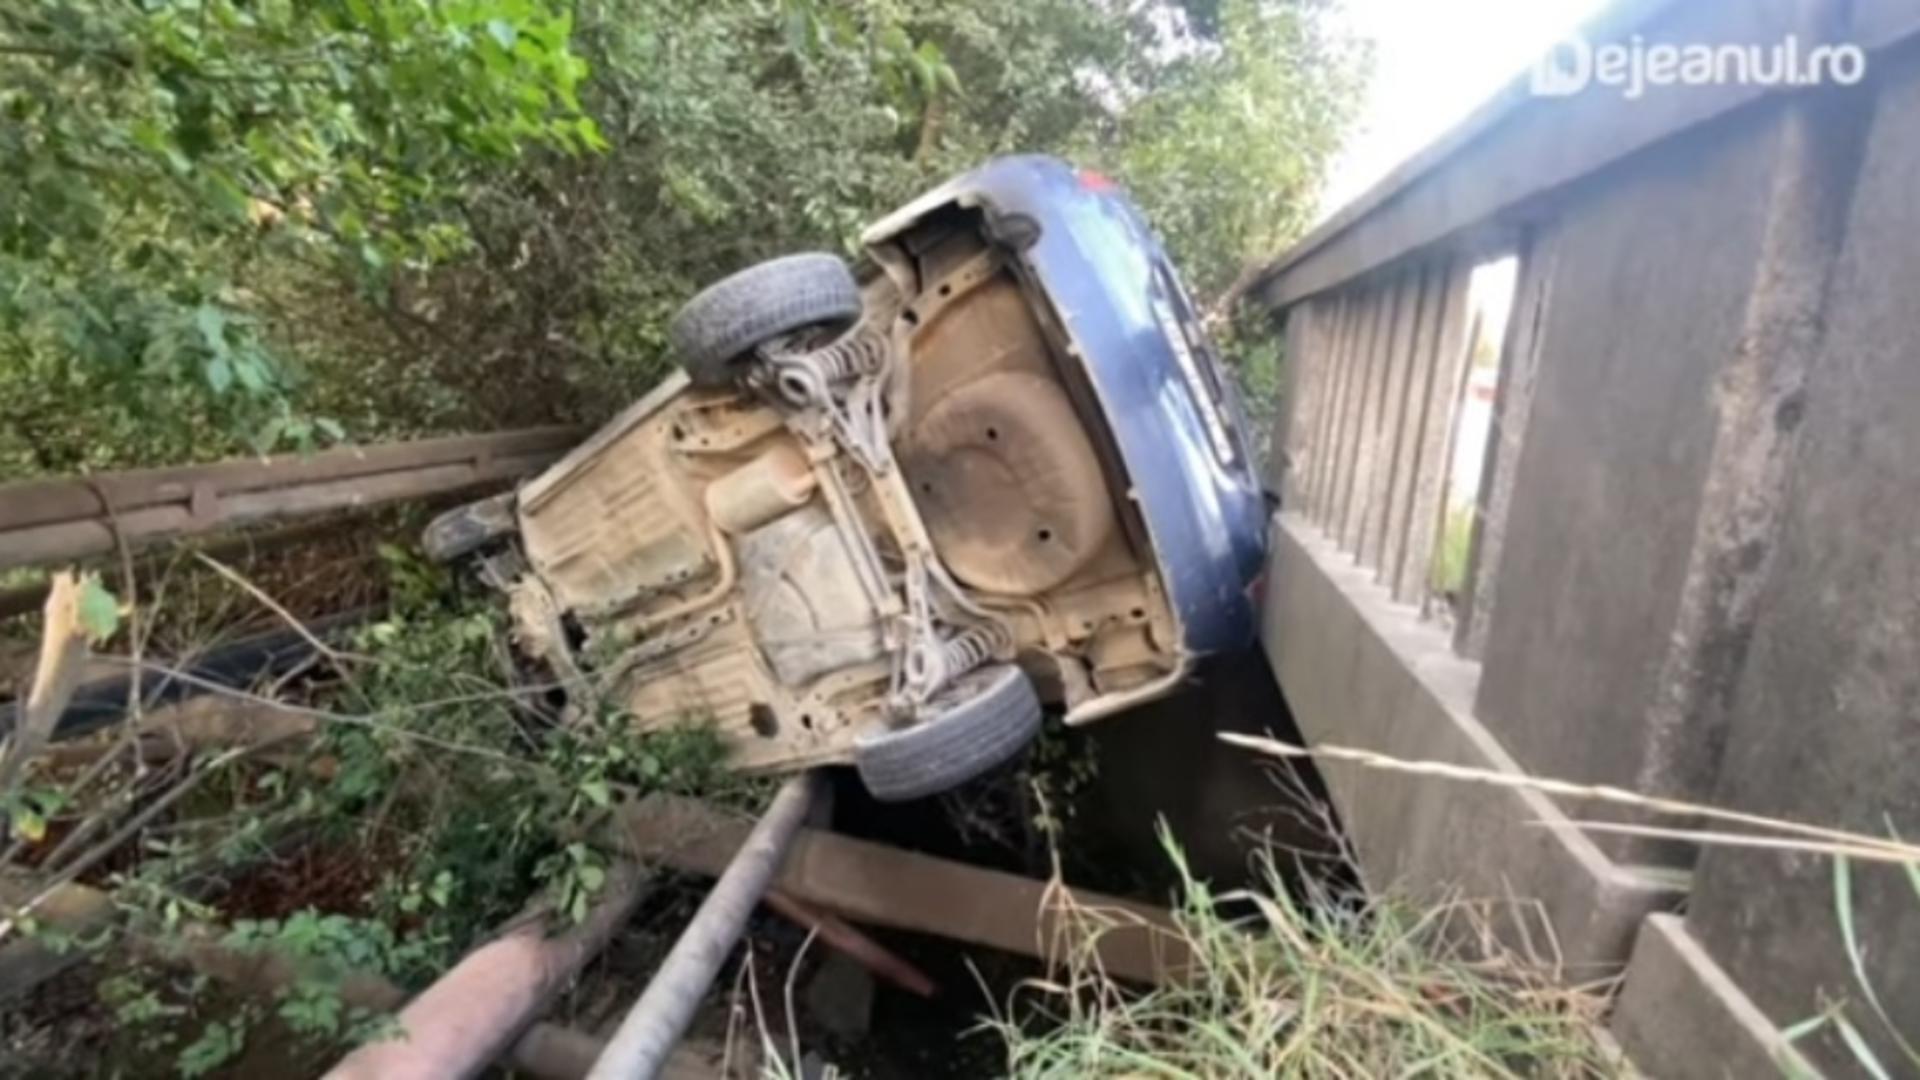 Bărbat beat și fără permis, accident cumplit cu mașina șefului